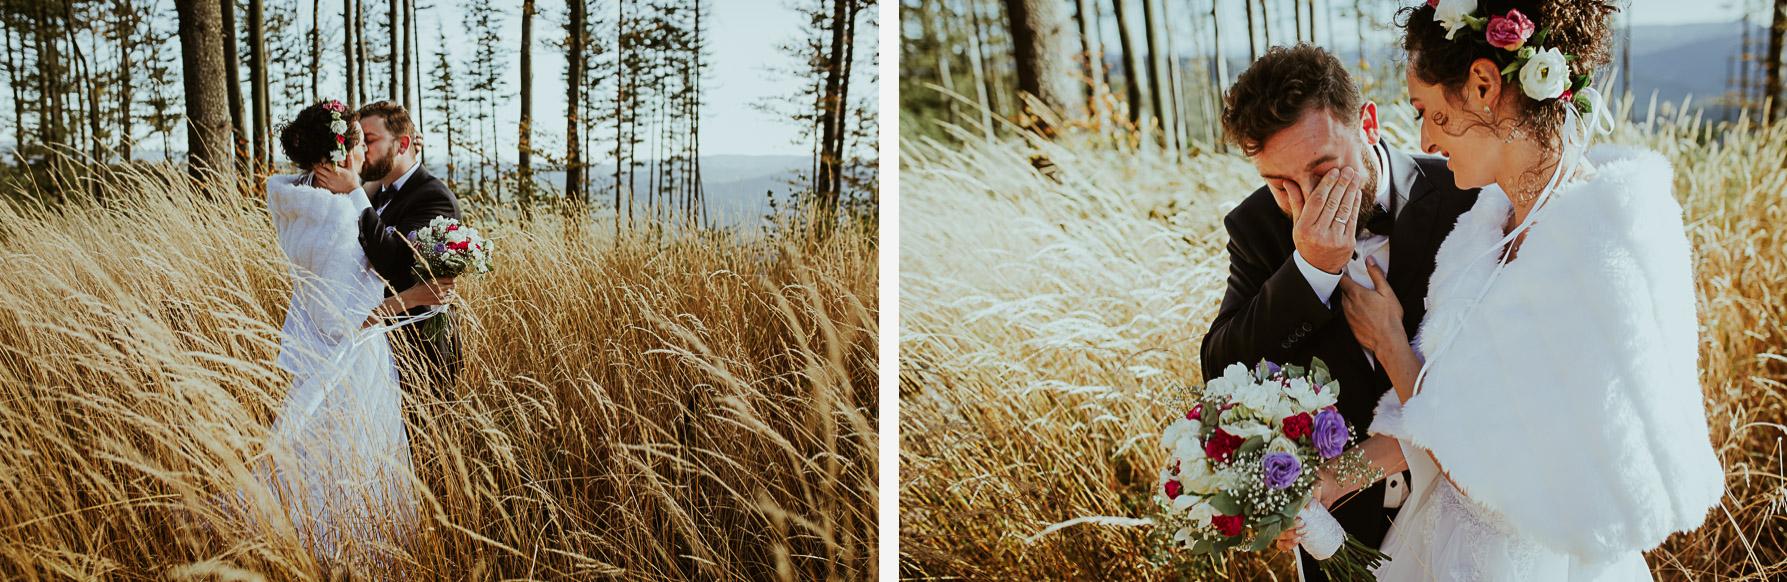 Plener Ślubny w górach jesień 012 a3